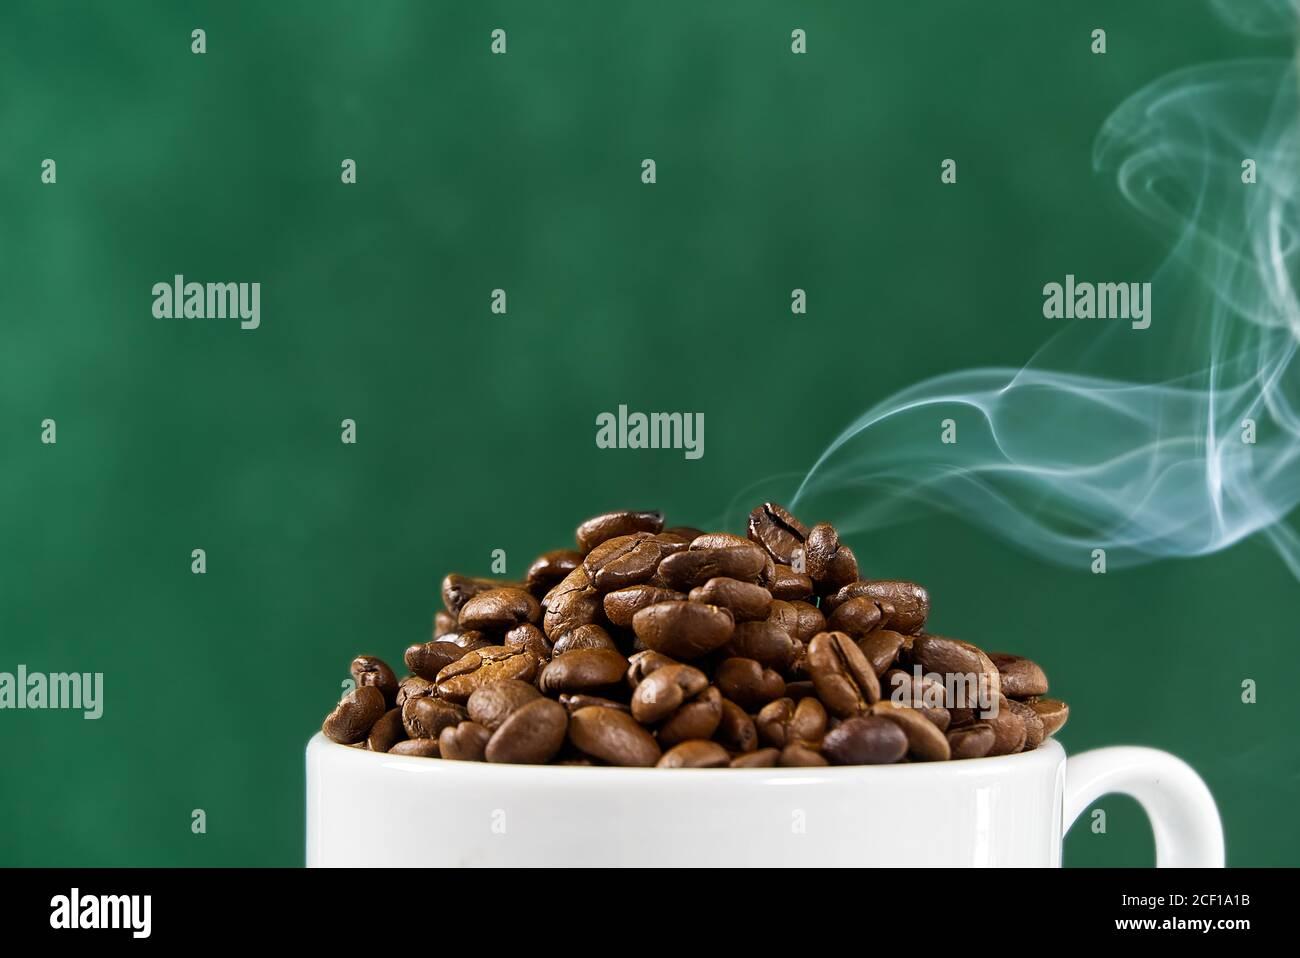 Día internacional del concepto del café. Primer plano taza de café blanco llena de granos de café sobre fondo verde con humo en la parte superior. Foto de stock